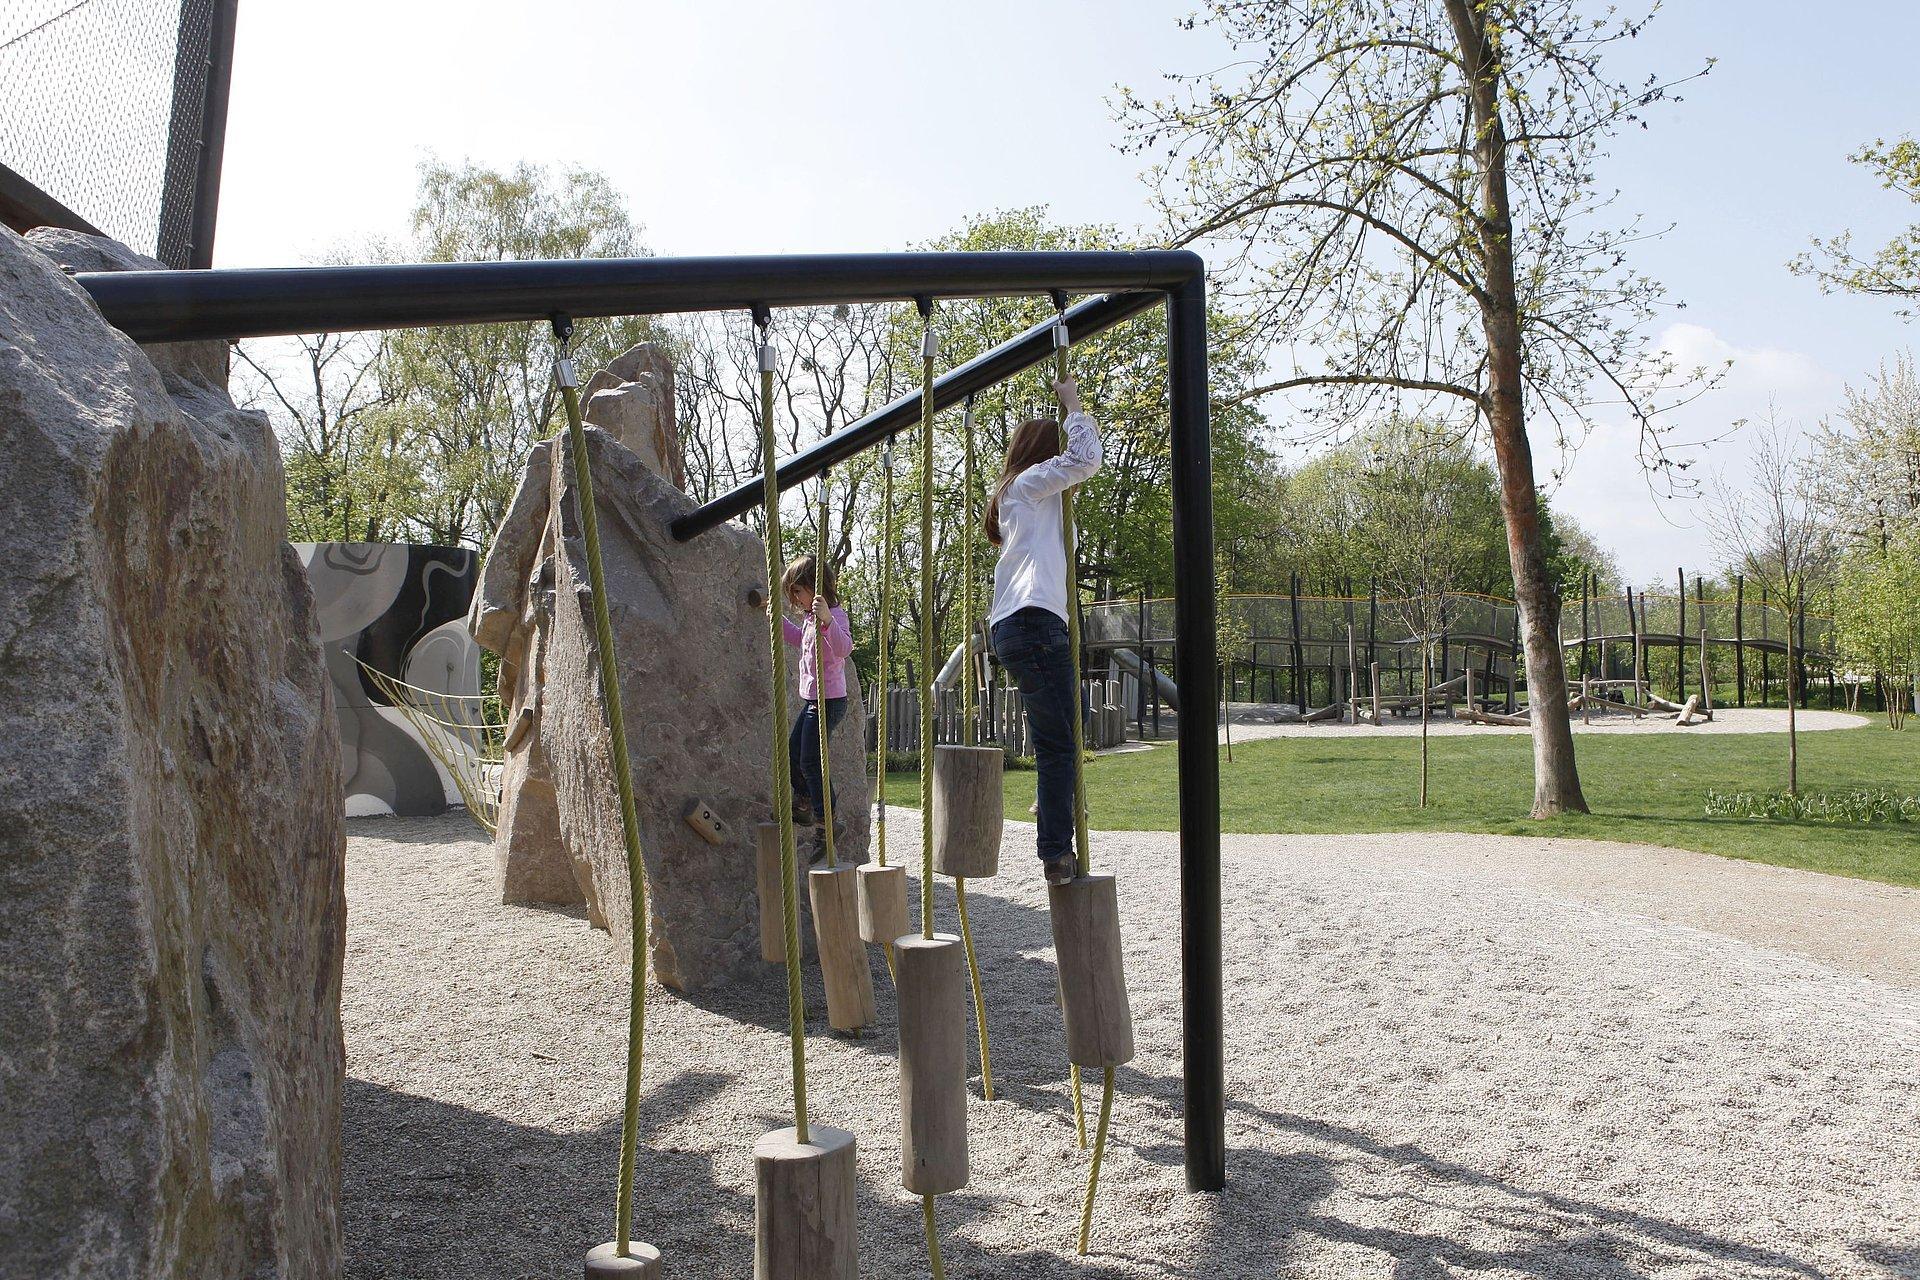 Kinder auf dem Spielplatz Bleidenberg bei der Festung Ehrenbreitstein Koblenz, Romantischer Rhein